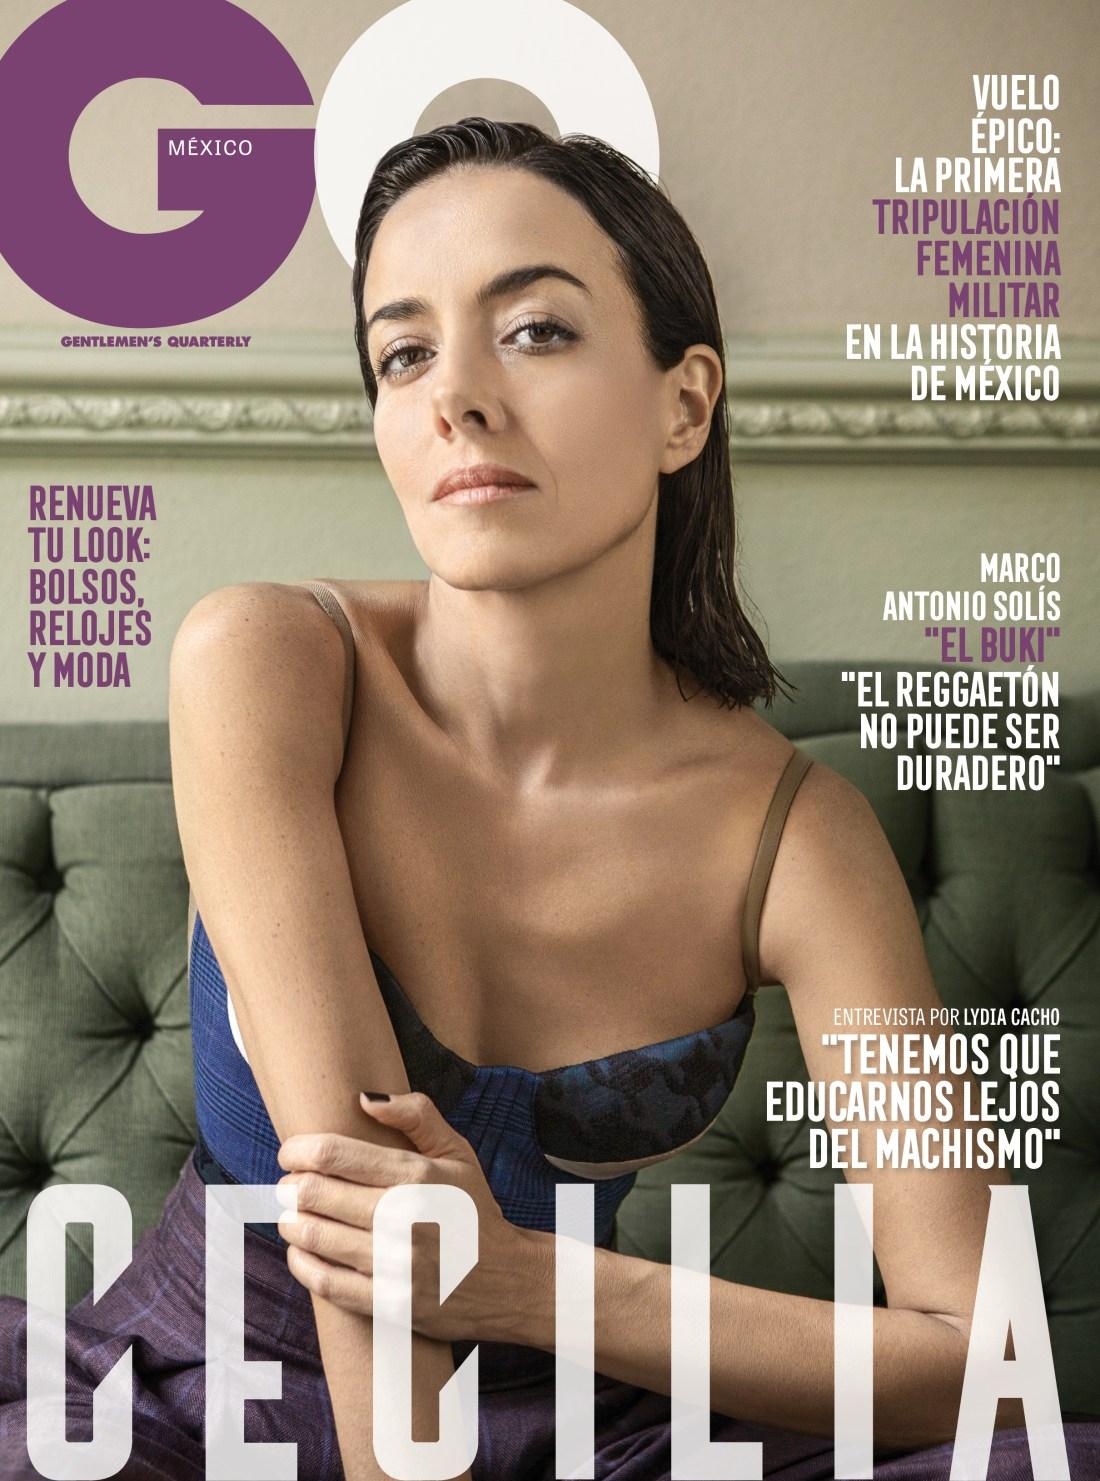 GQ_AGO_COVER_CECILIA